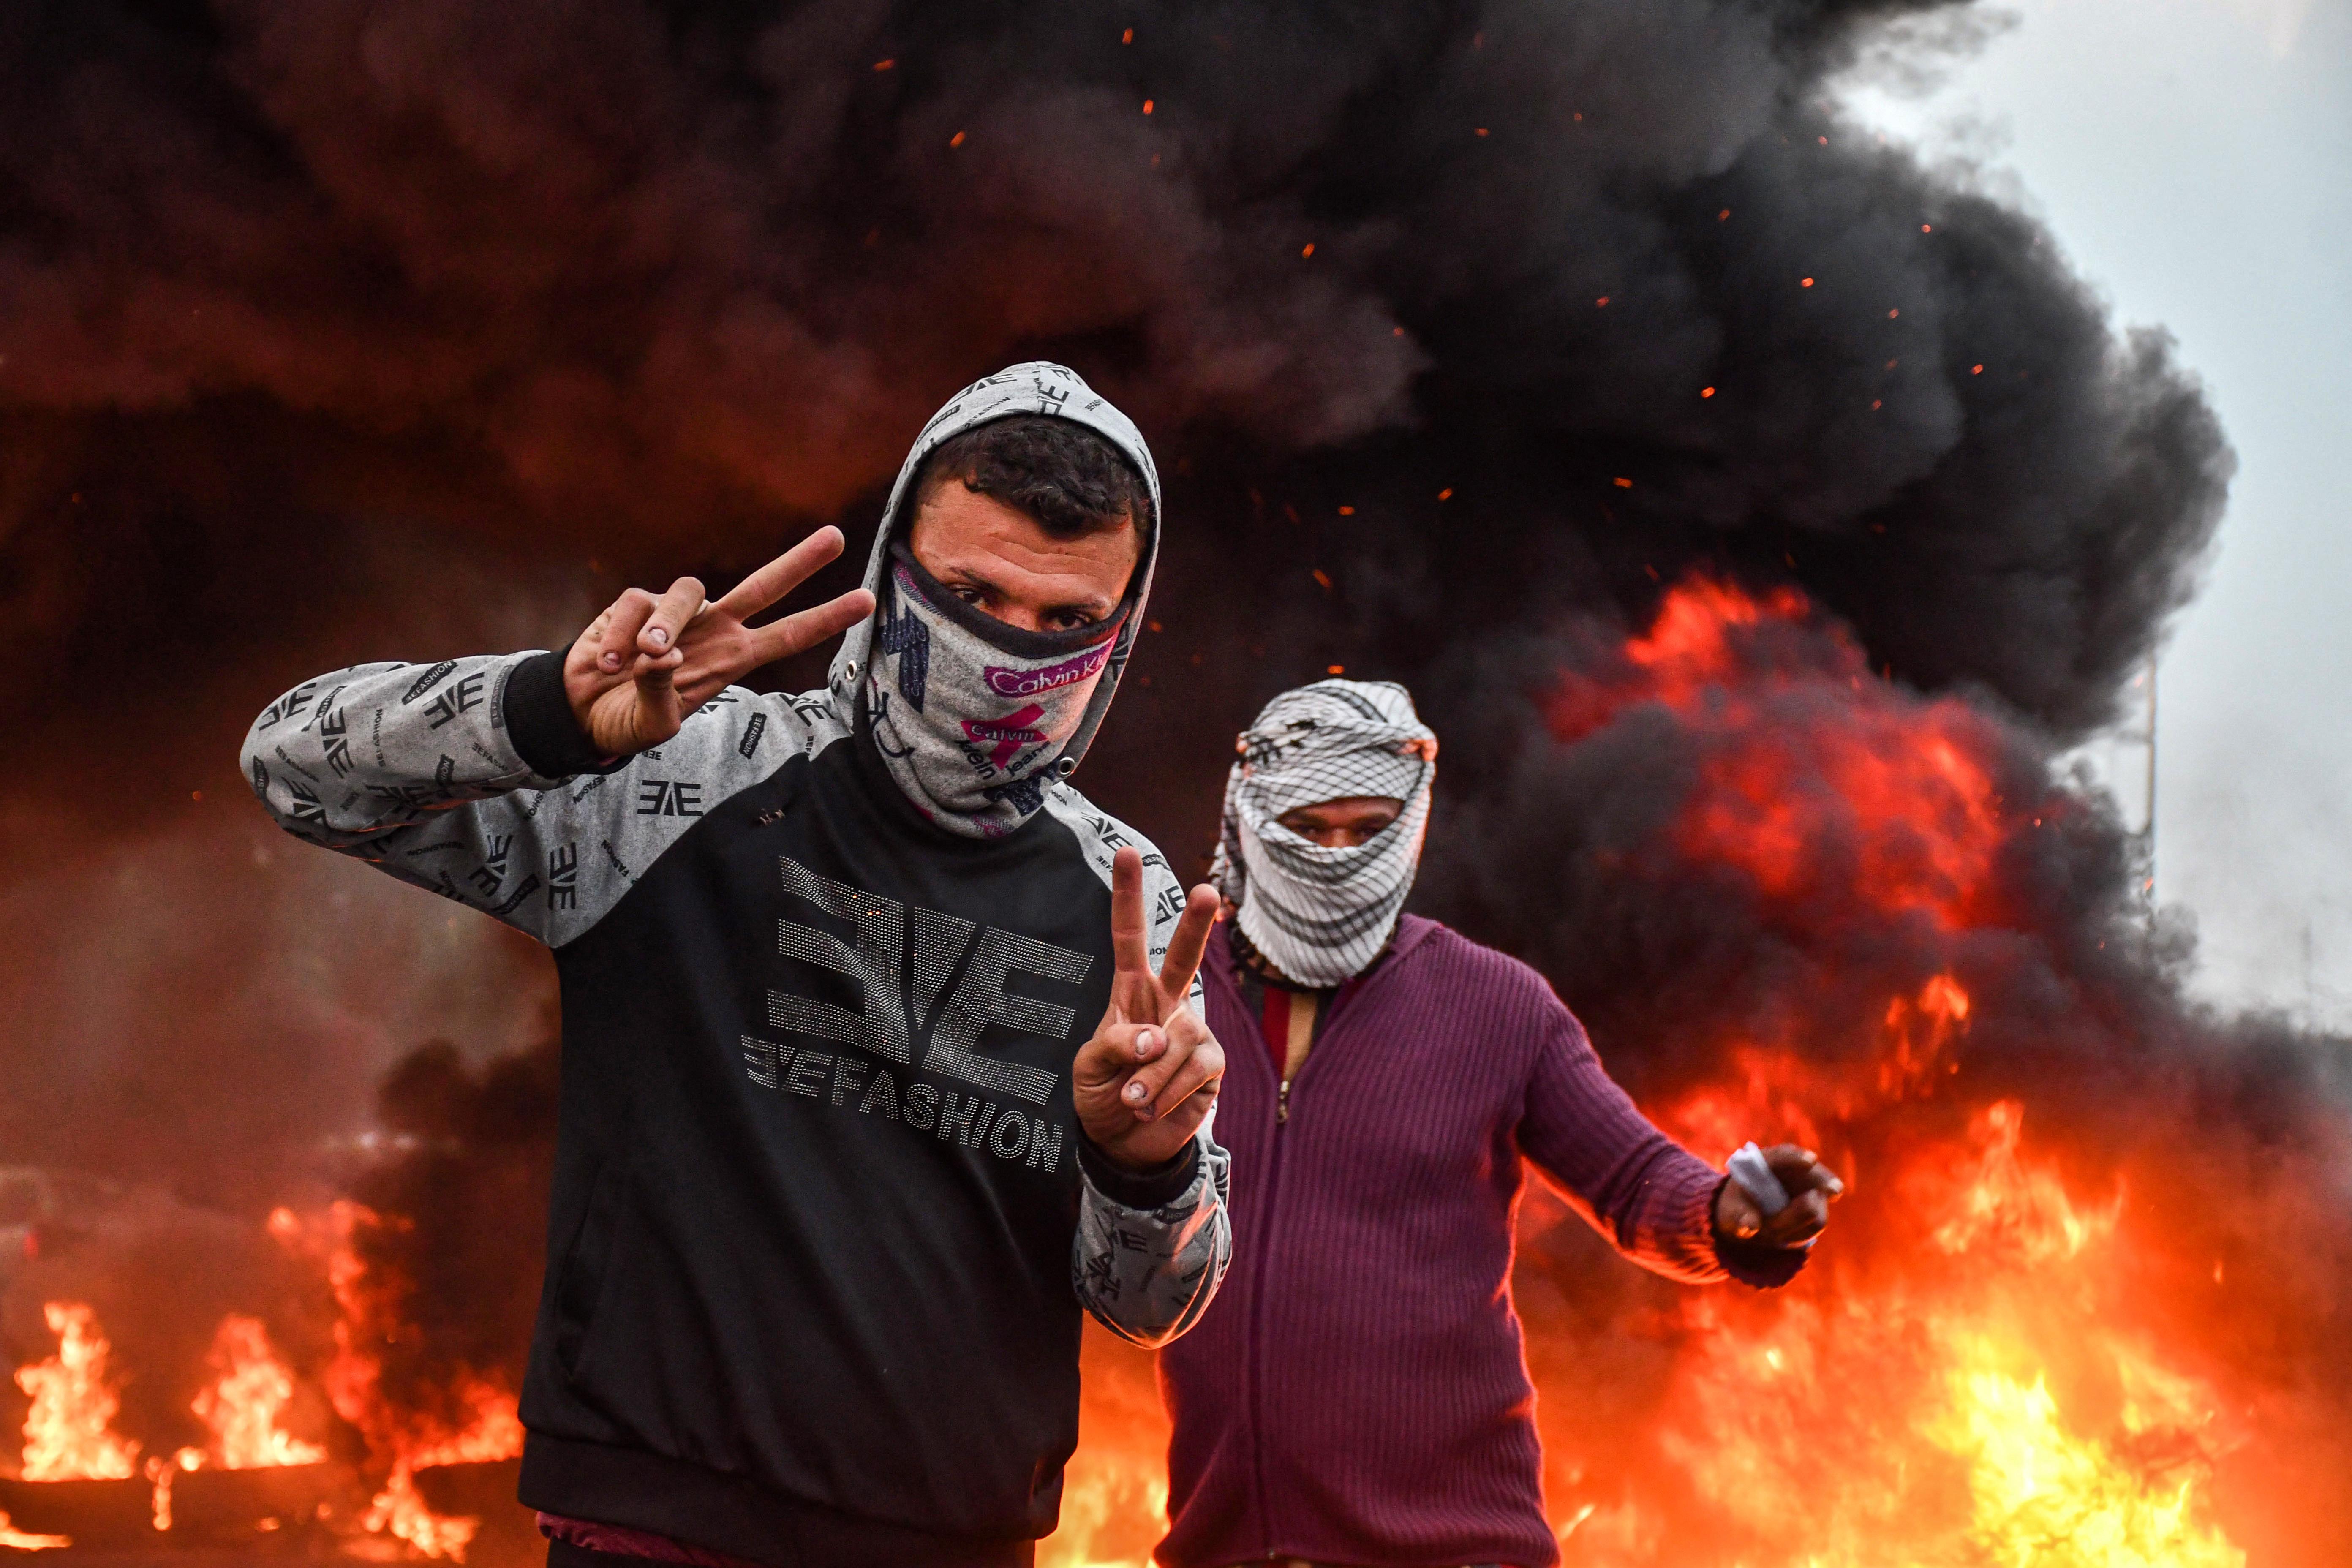 المحتجون تجمعوا عدة مرات هذا الأسبوع أمام مبنى المحافظة في الناصرية للمطالبة بإقالة المحافظ ناظم الوائلي